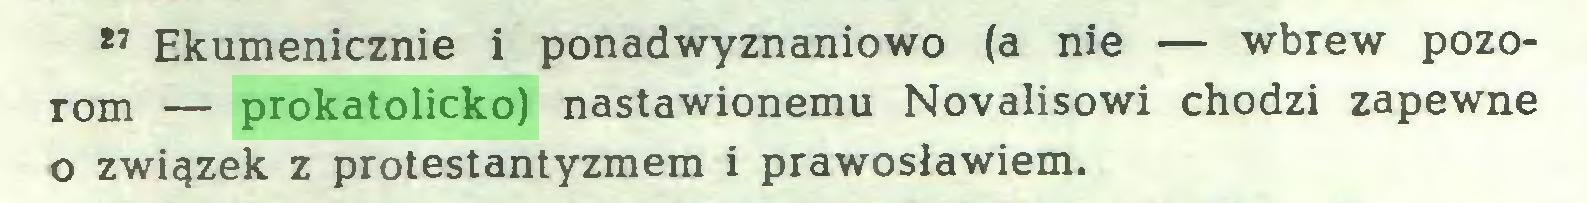 (...) 27 Ekumenicznie i ponadwyznaniowo (a nie — wbrew pozorom — prokatolicko) nastawionemu Novalisowi chodzi zapewne o związek z protestantyzmem i prawosławiem...